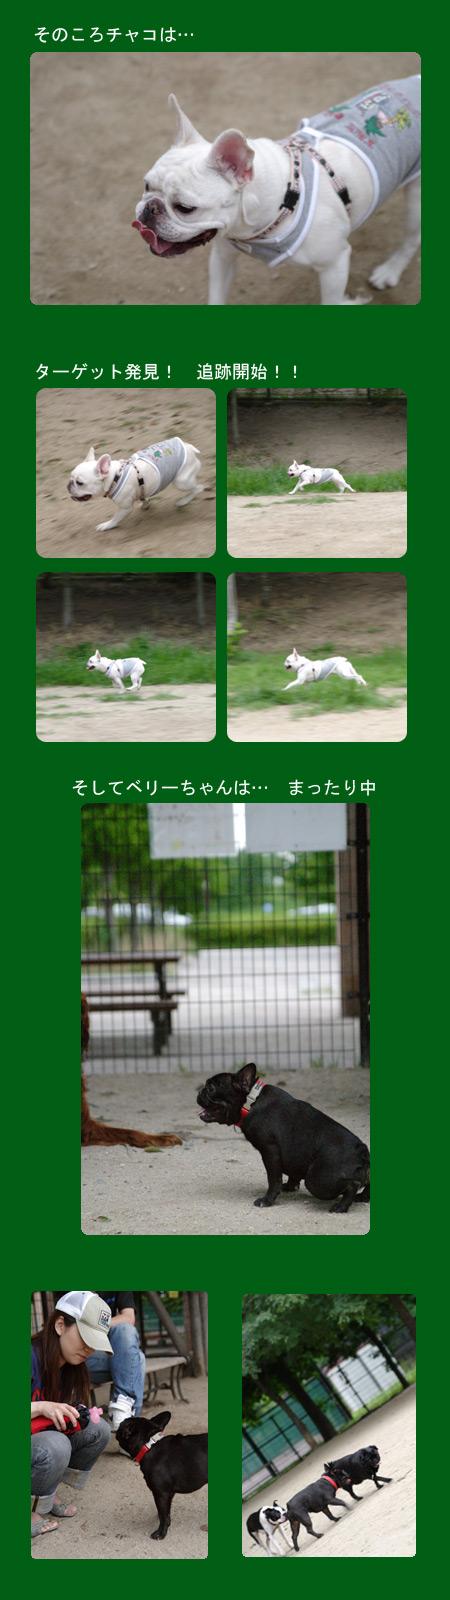 20070701_02.jpg